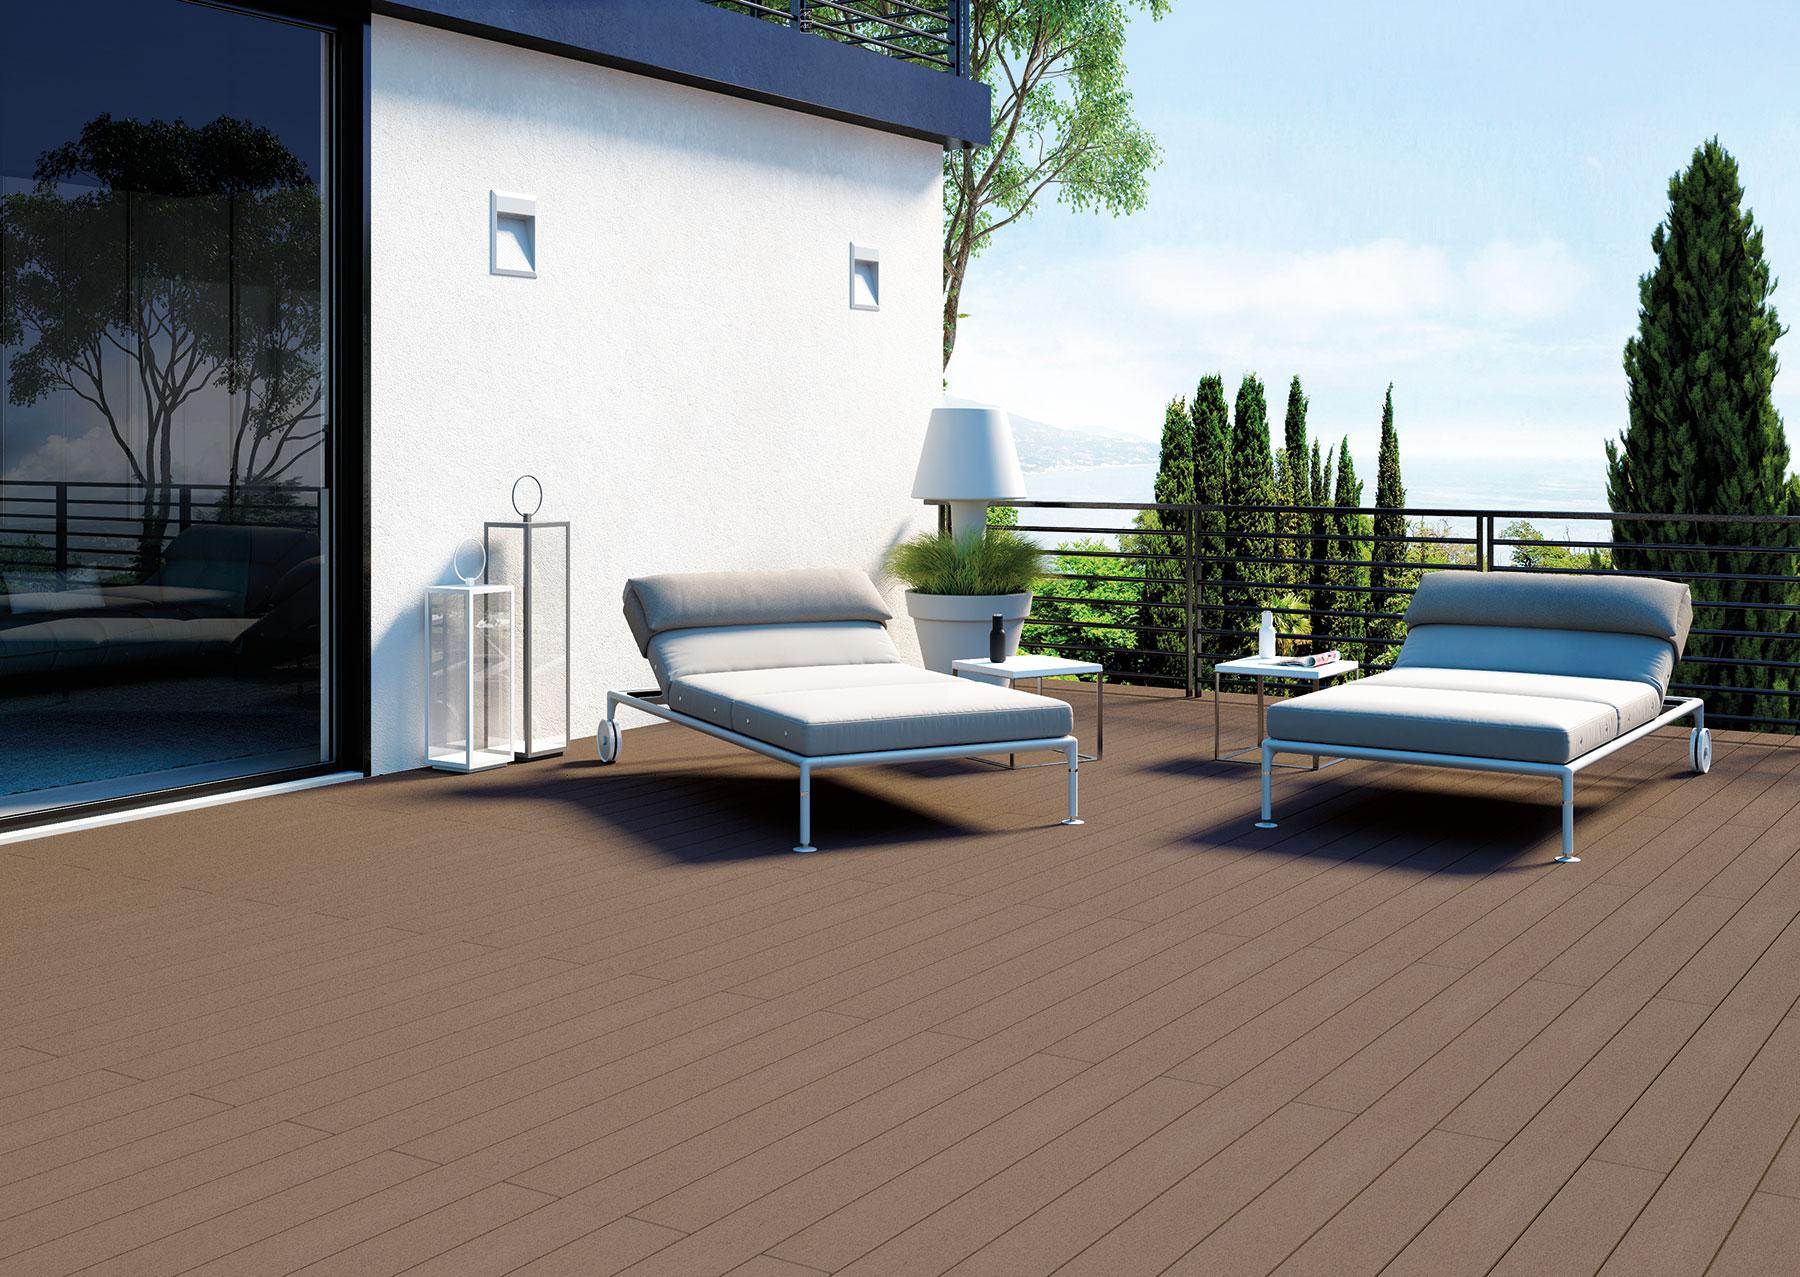 Pavimenti Per Terrazzi Esterni pavimenti per esterni: la nuova soluzione bpc - woodco